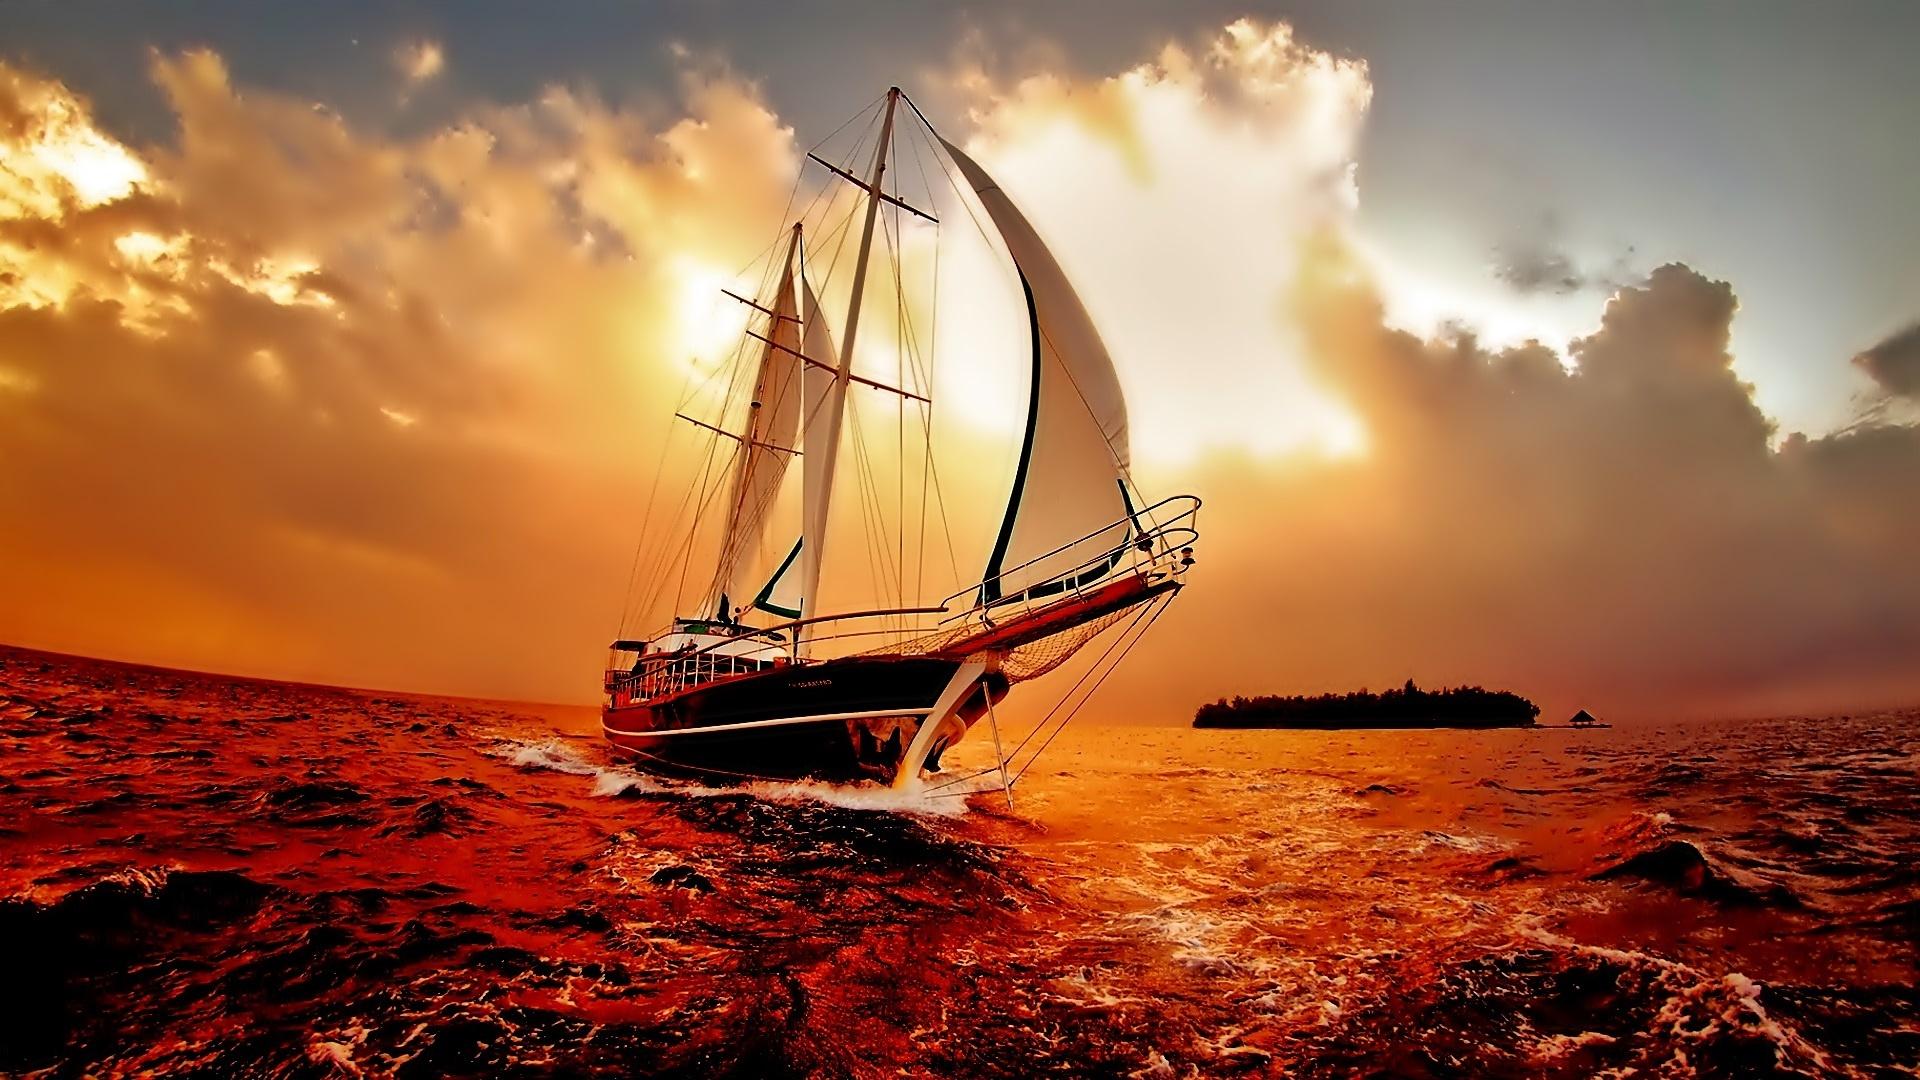 корабли на закате  № 3504063 бесплатно